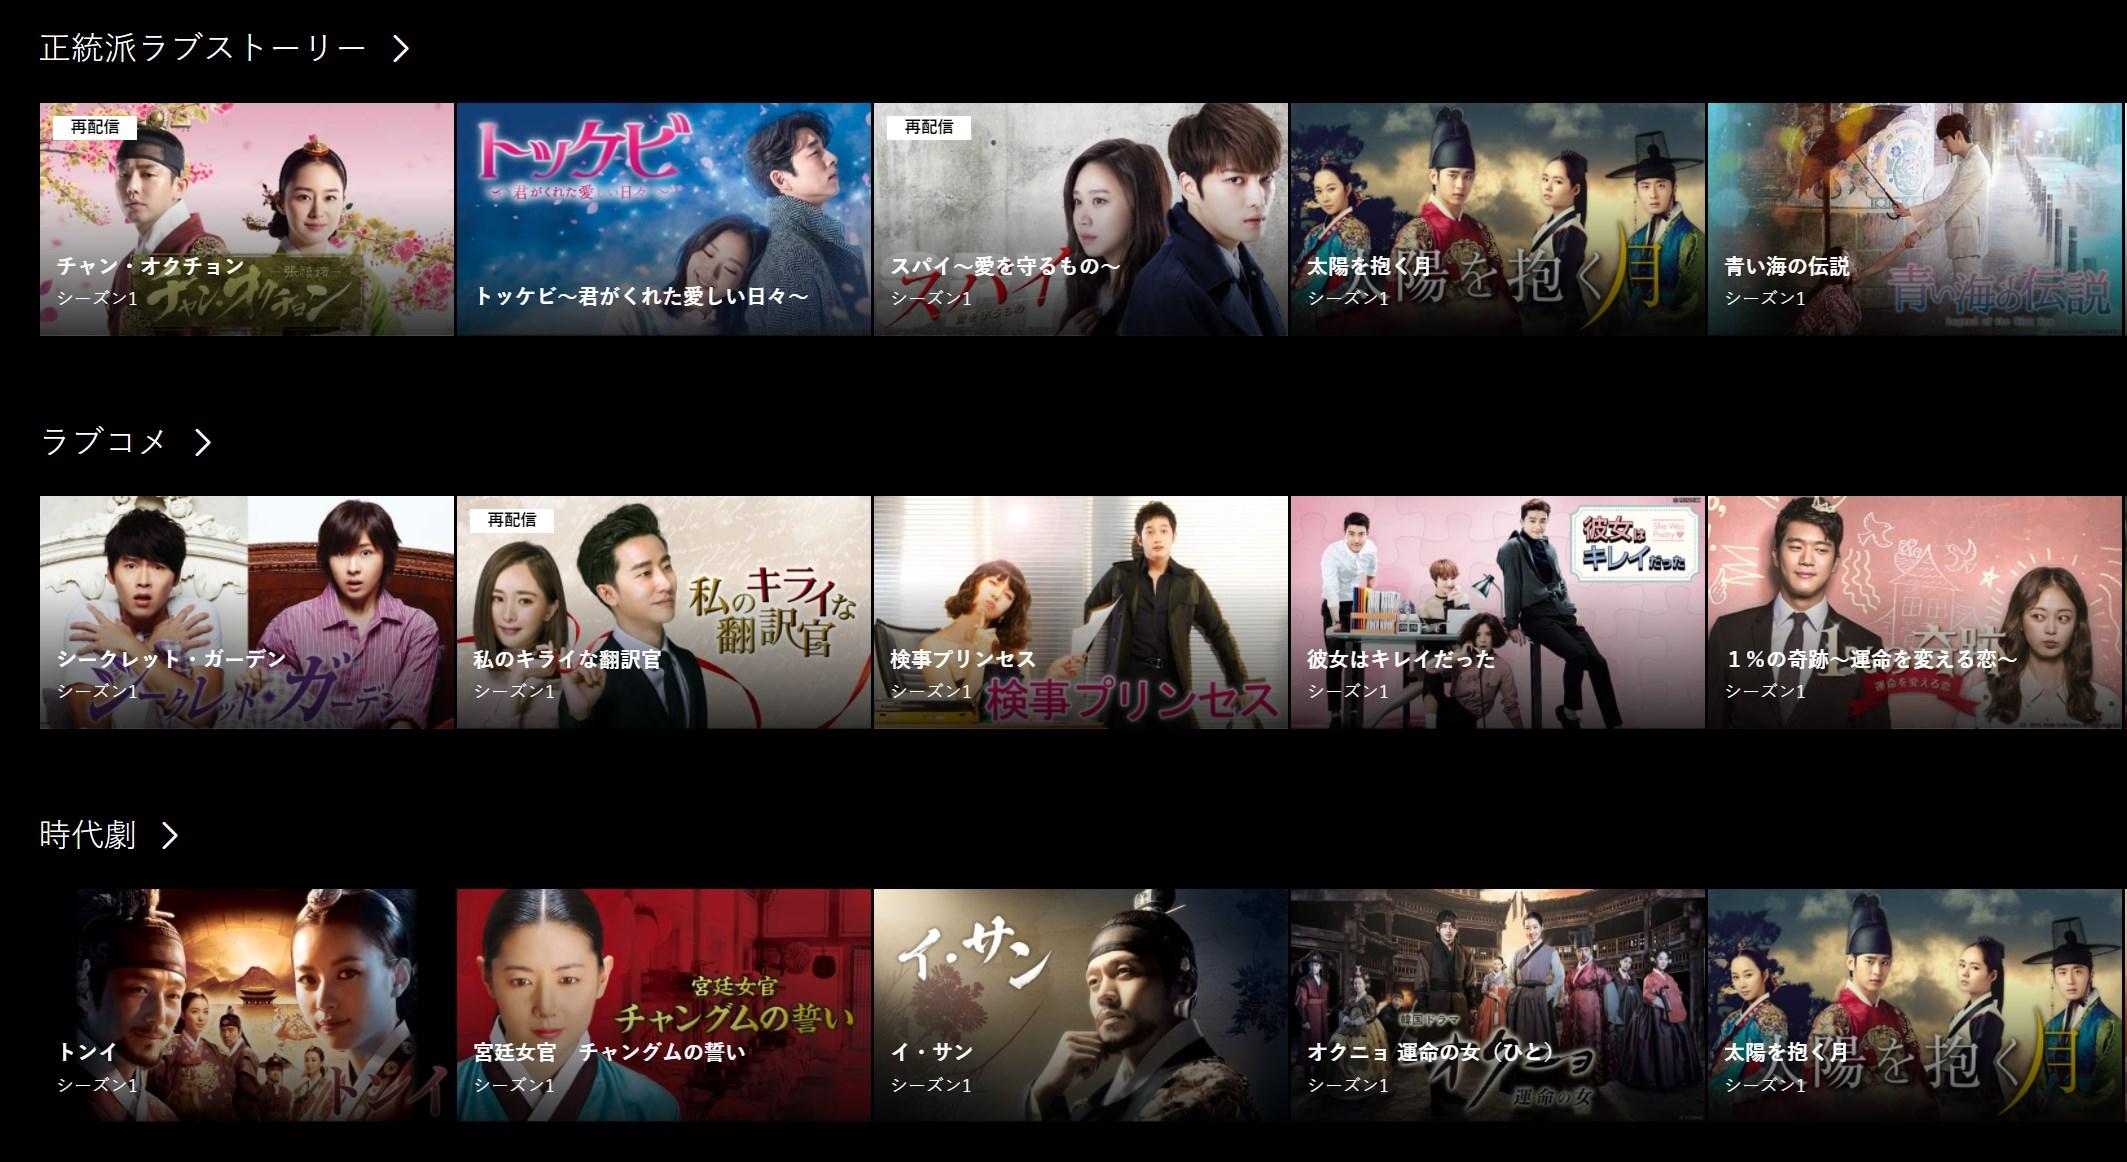 dTVの韓国ドラマのラインナップ